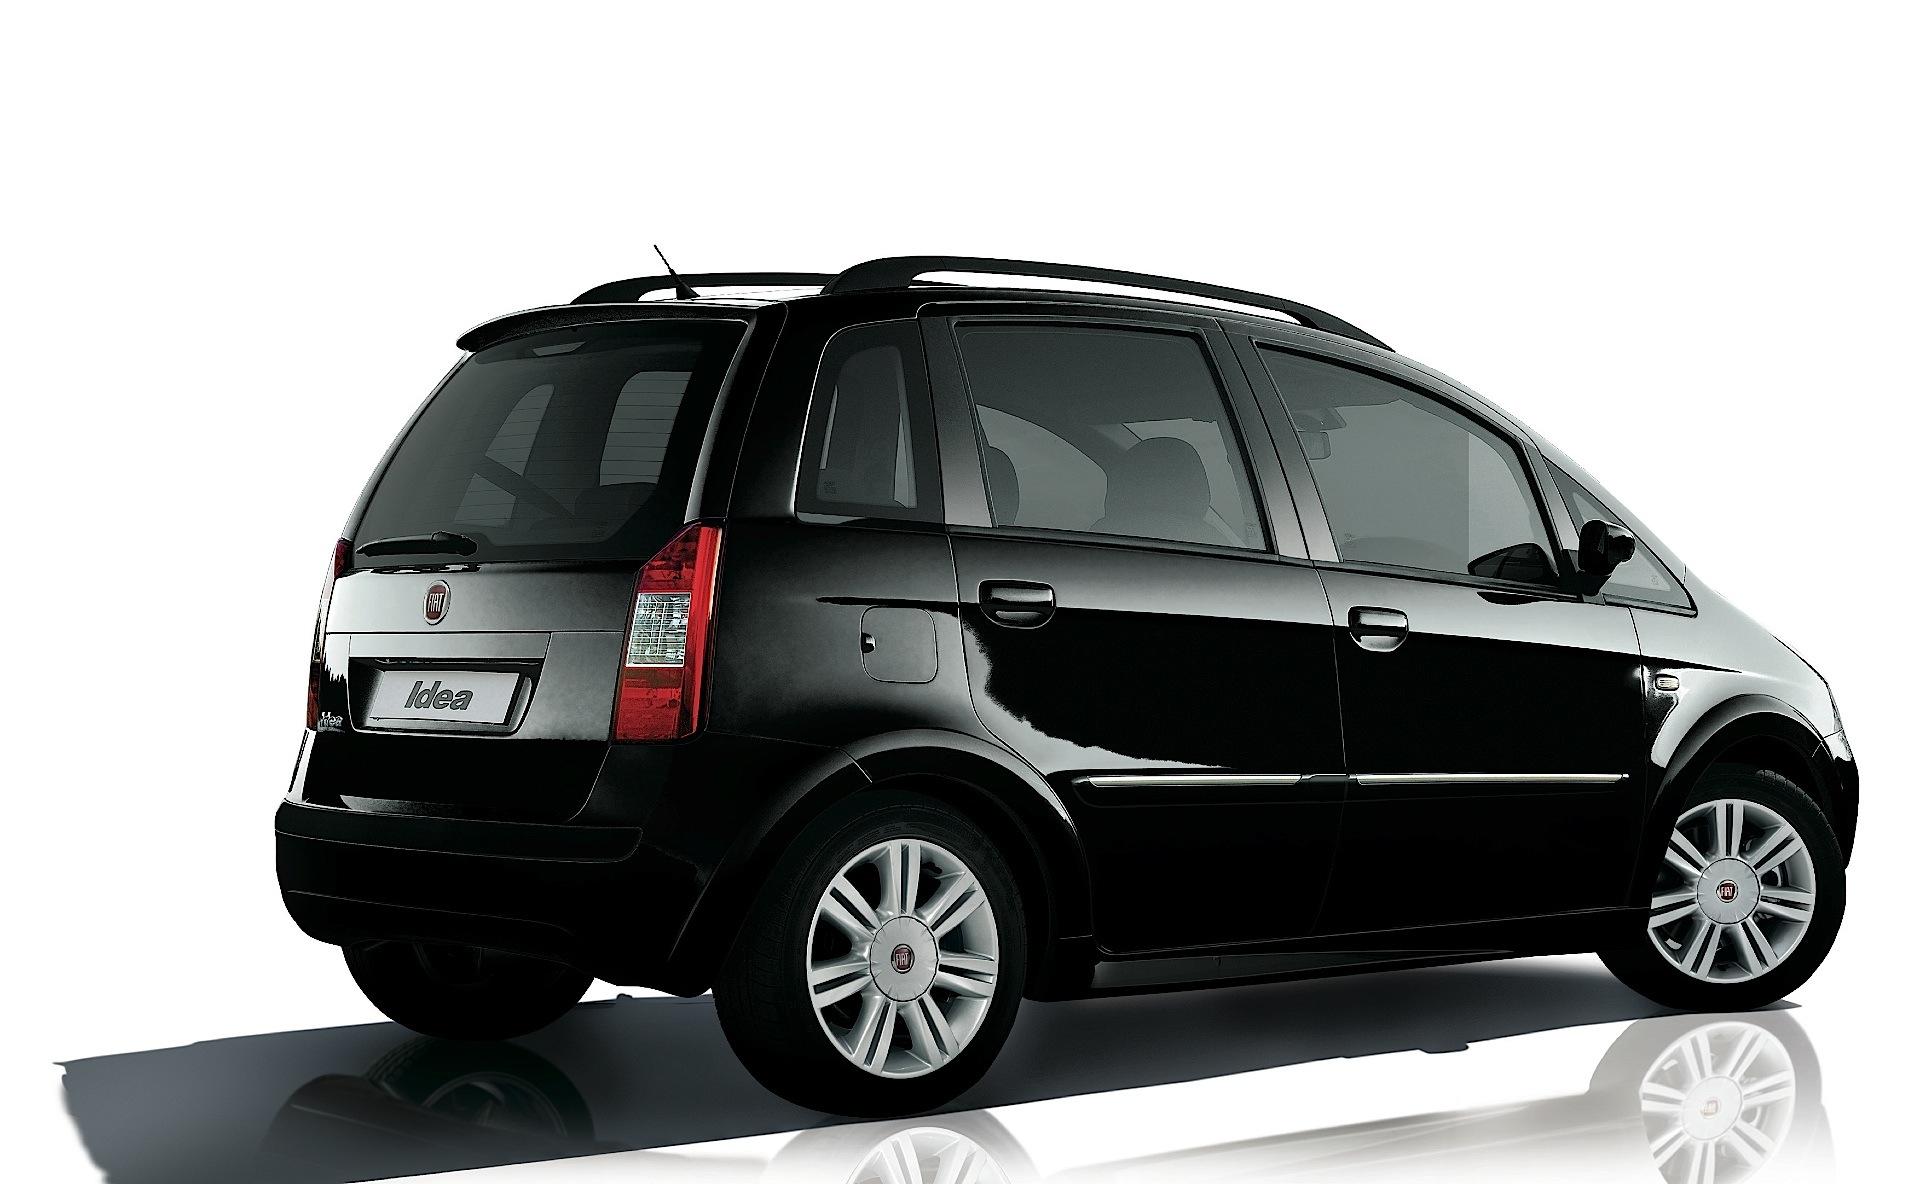 Fiat Idea Specs Amp Photos 2010 2011 2012 2013 2014